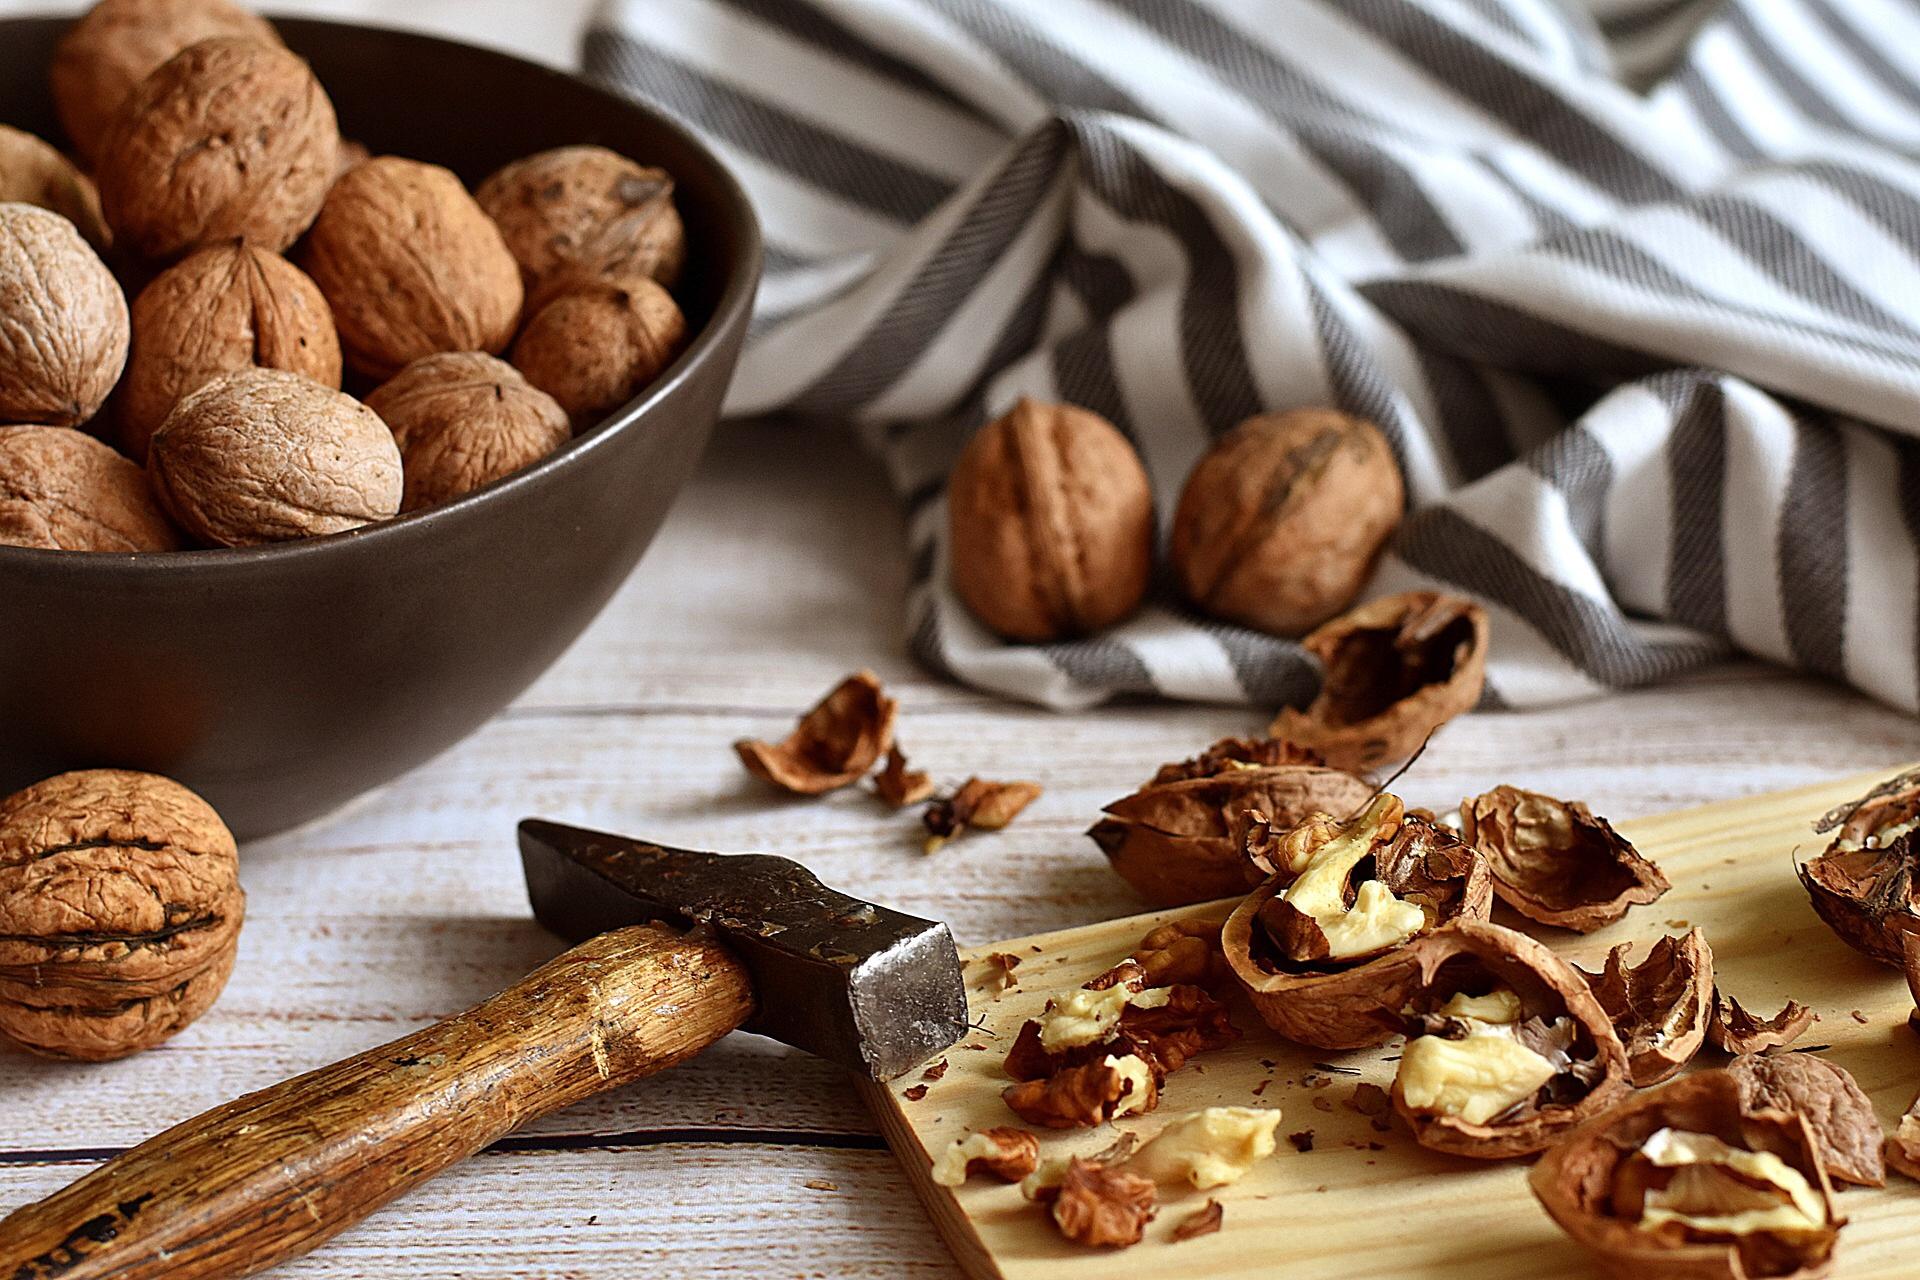 Warum sind Nüsse für Babys gefährlich